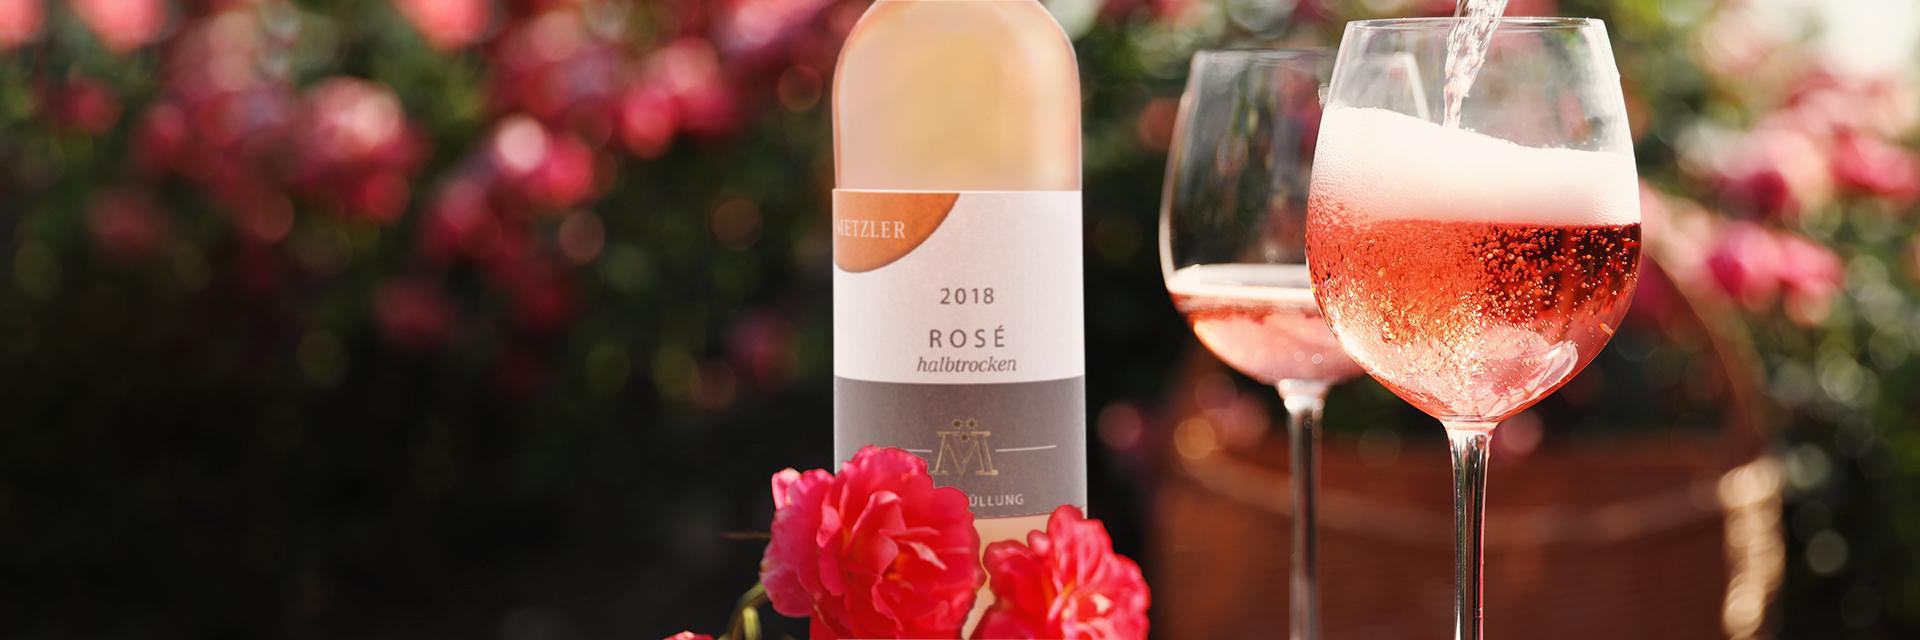 Rose Wein vom Winzer